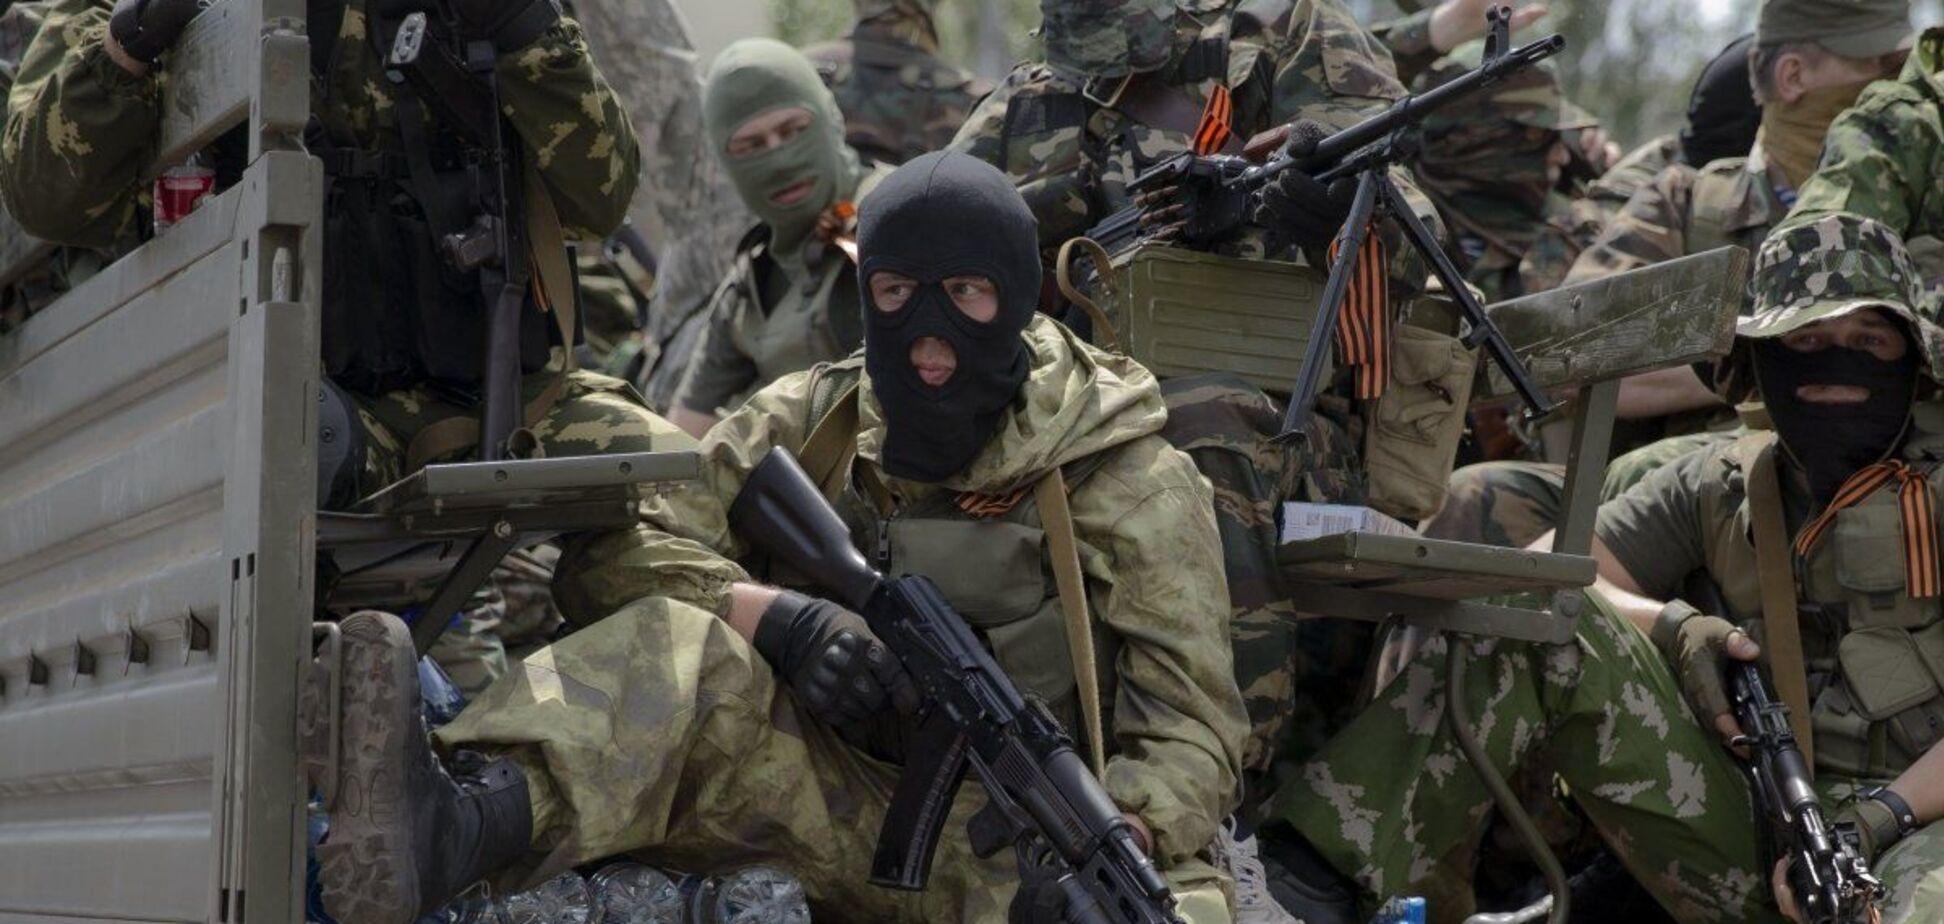 Оккупанты проводят мобилизационные сборы с резервистами (иллюстрация)